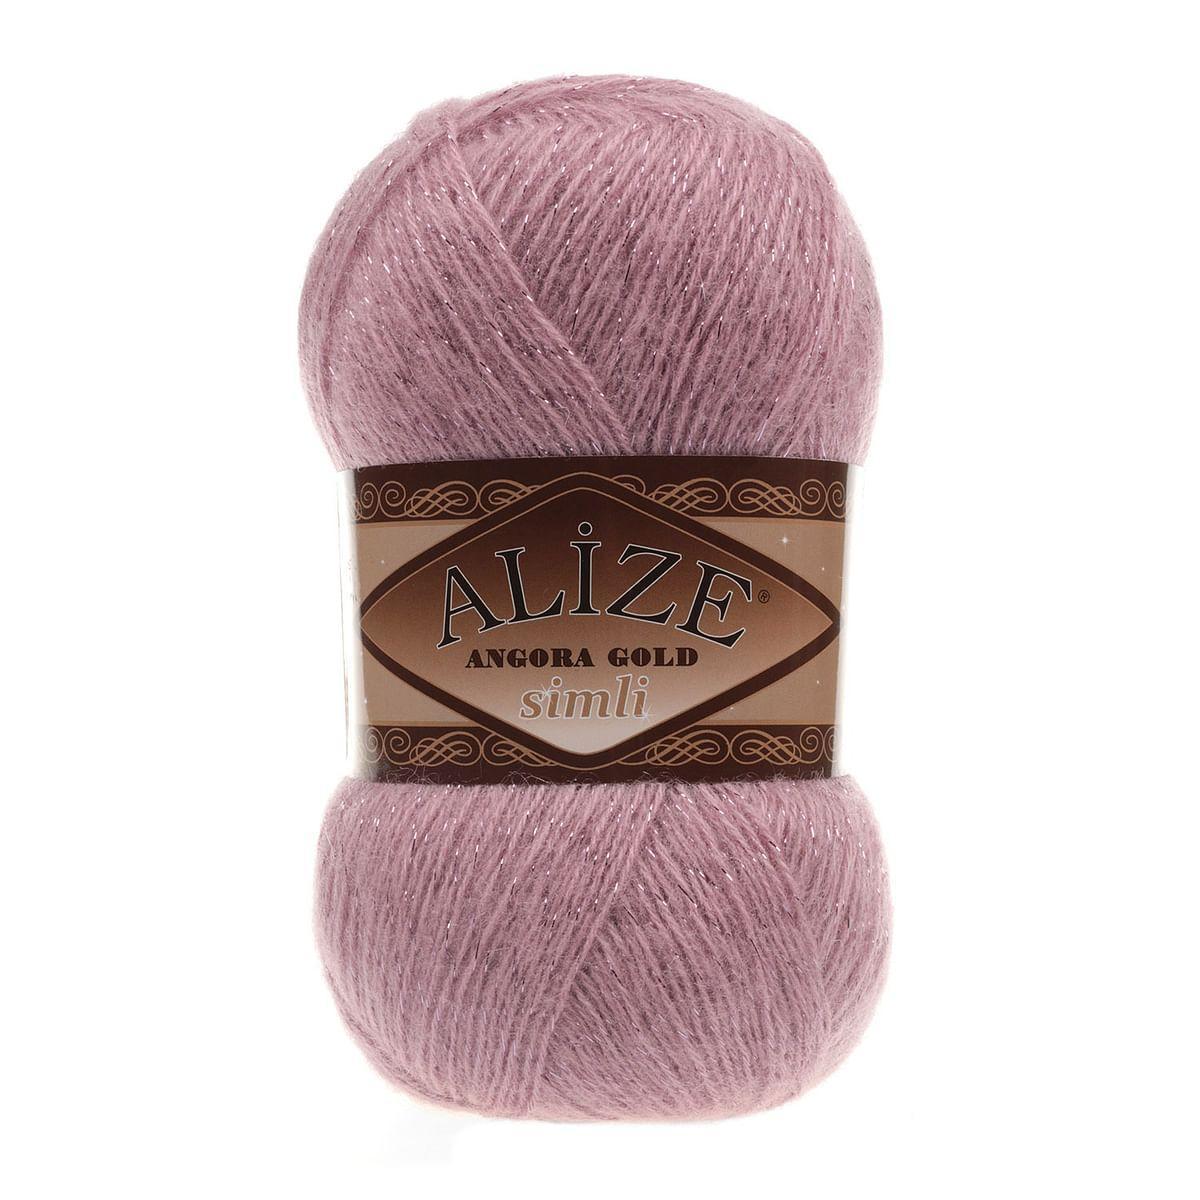 ANGORA GOLD SIMLI 295 розовый - 20% шерсть, 5% металлик, 75% акрил